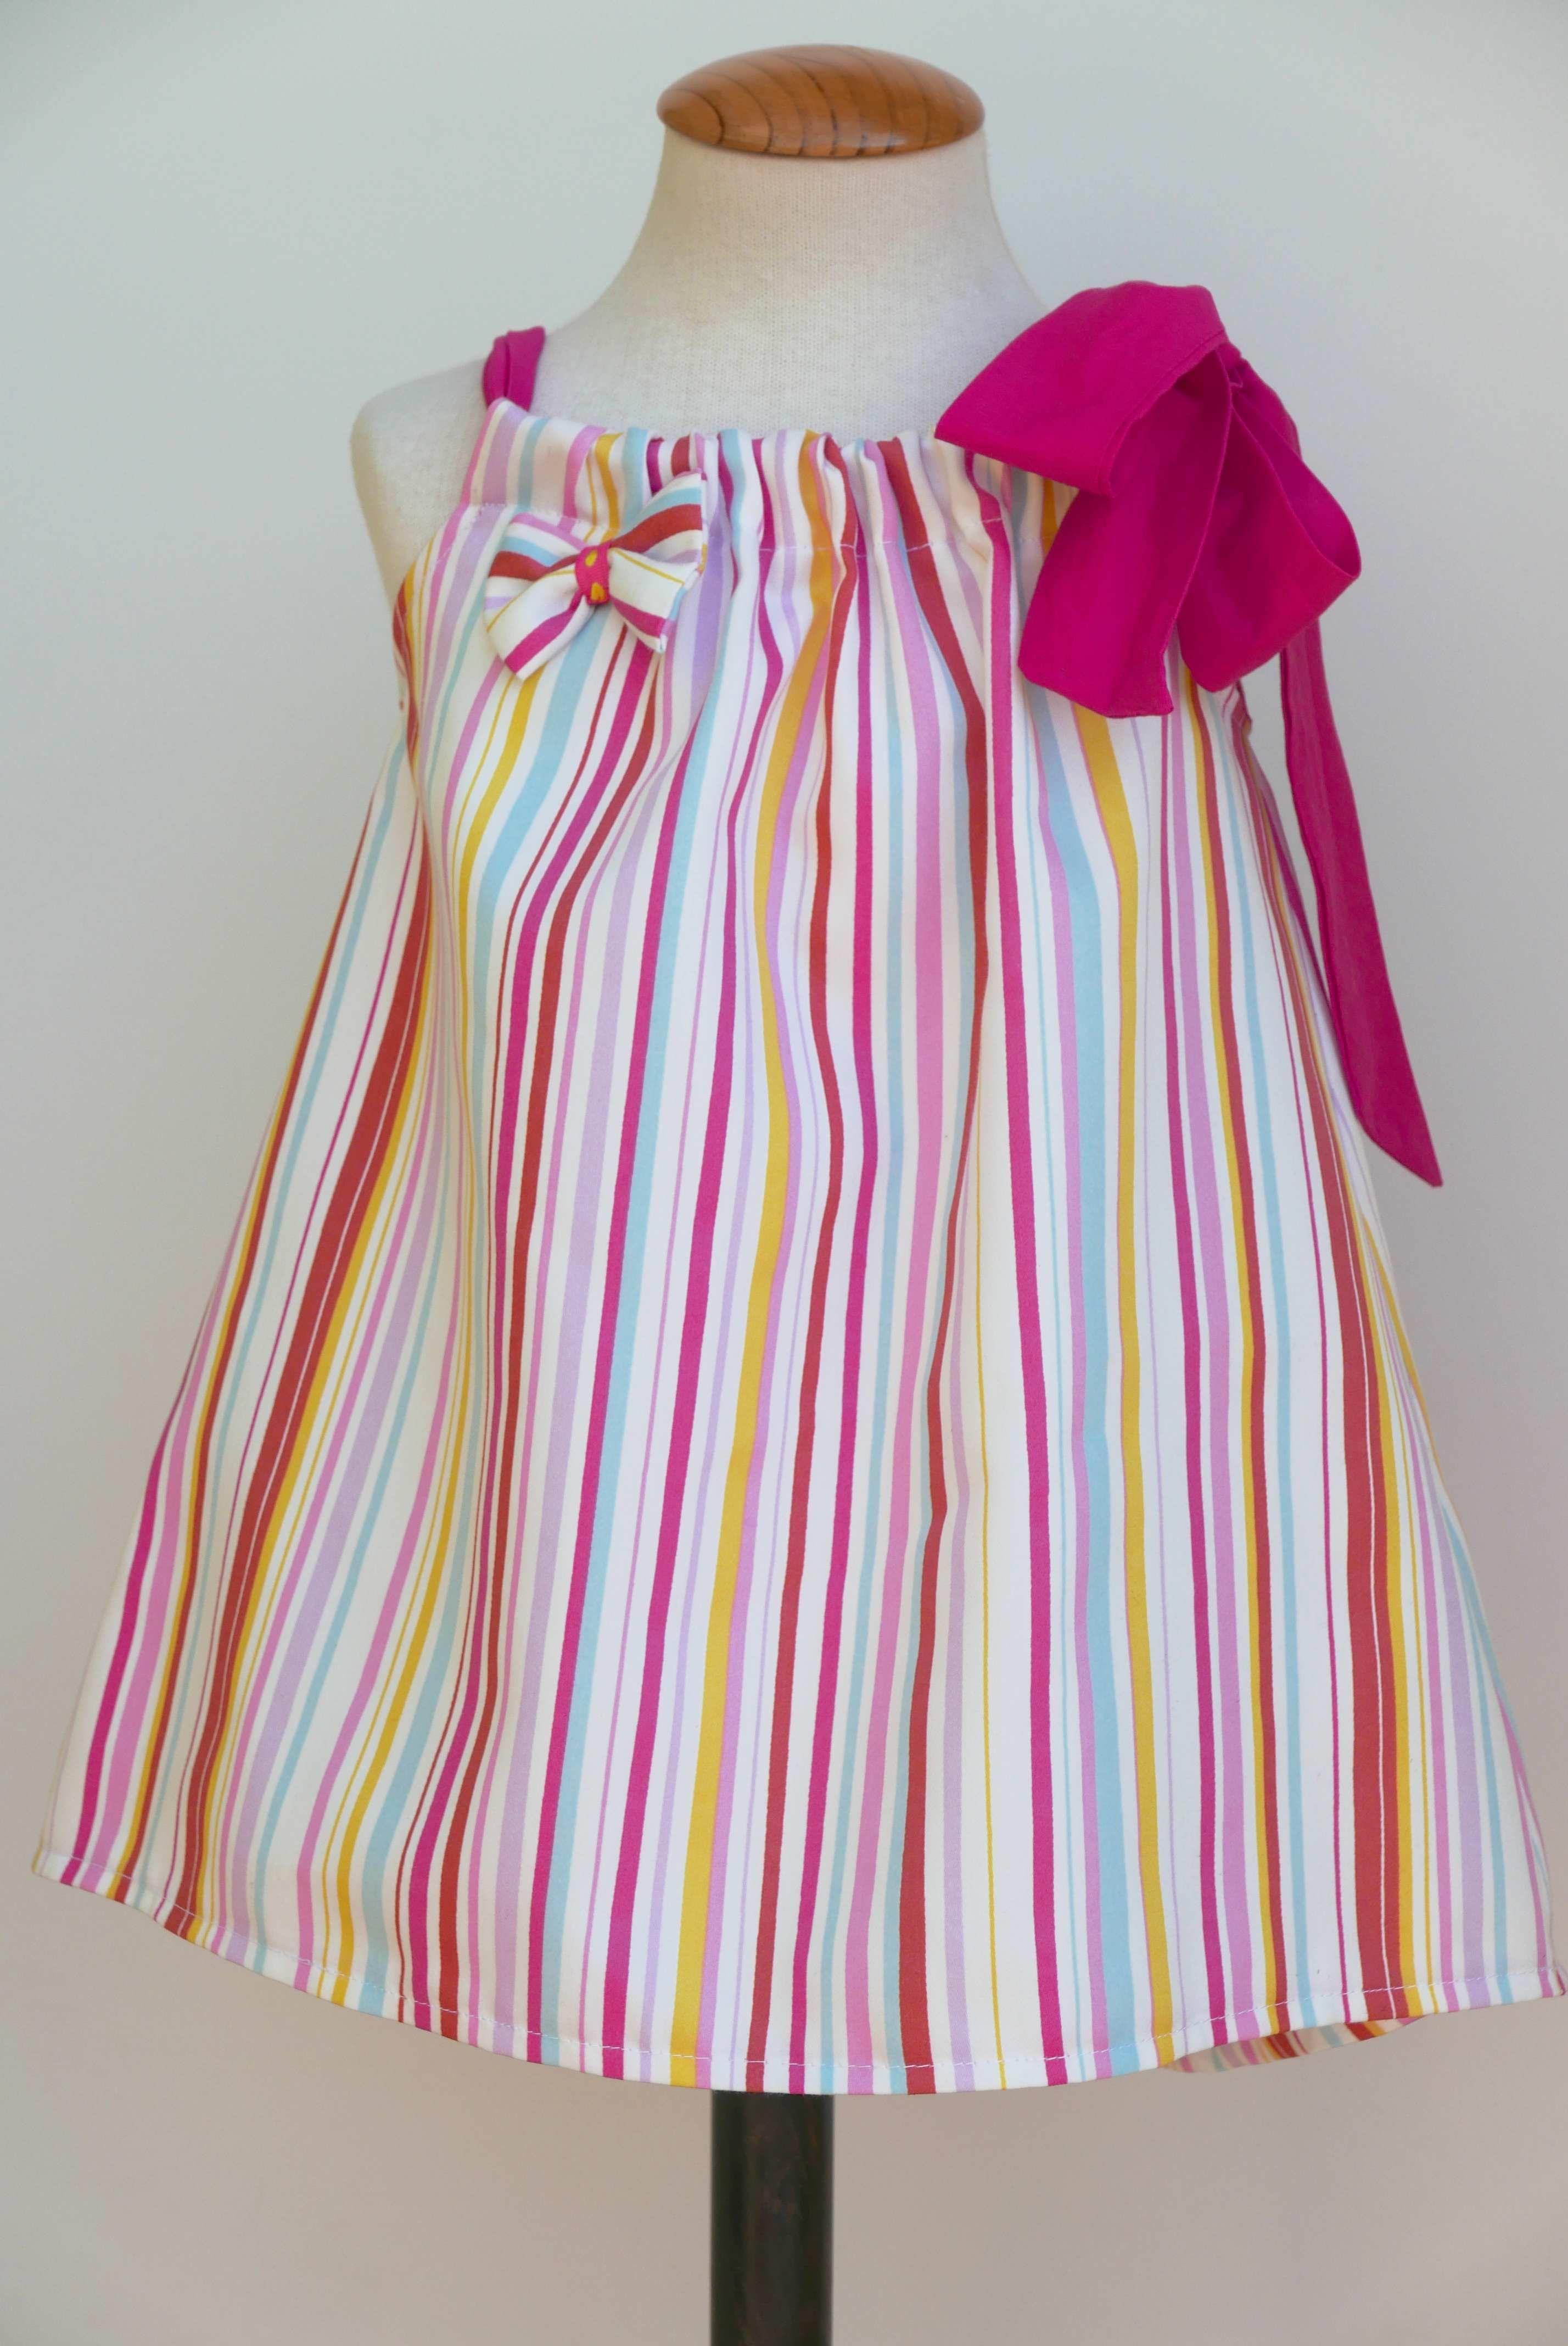 patron vestido niña- colours for baby | blusas niñas | Pinterest ...